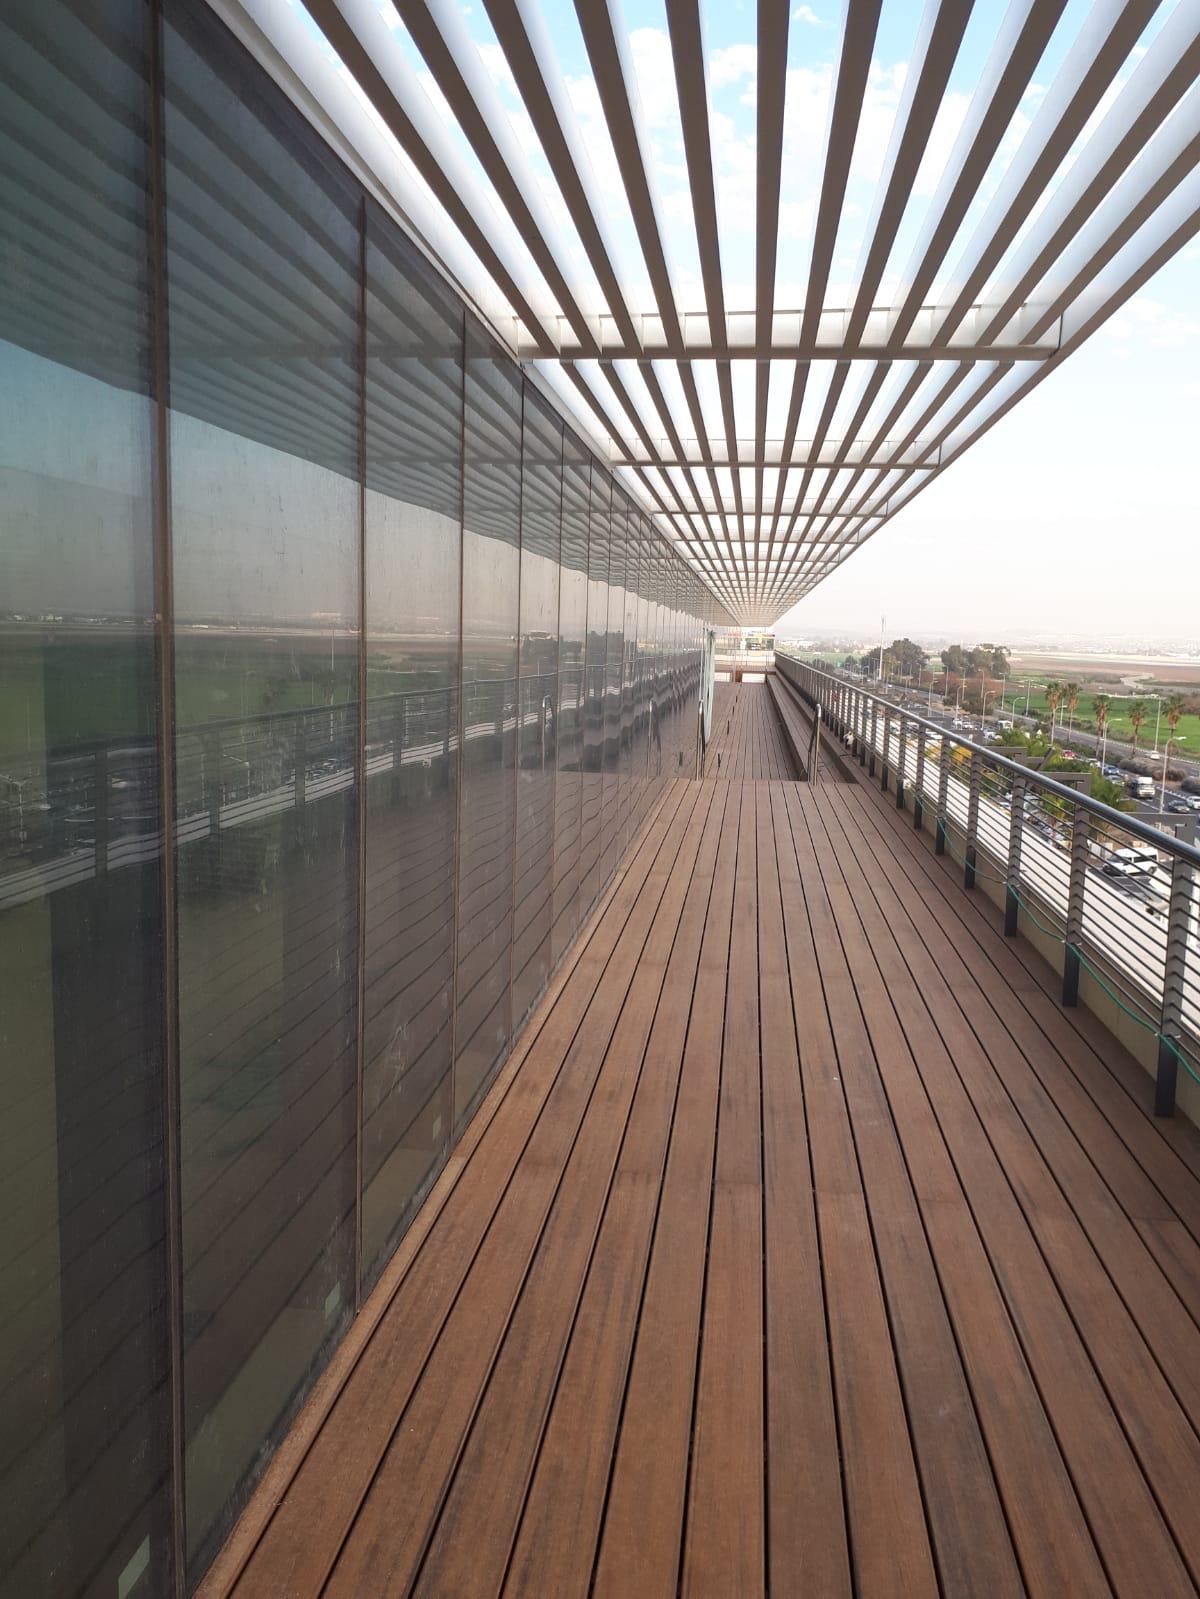 דק סינטטי, דק למרפסת ולגג בבניין טרמינל סנטר, אור יהודה - TREX דקים סינתטיים חיפוי קירות חוץ, התקנת דק ומעקות חוץ